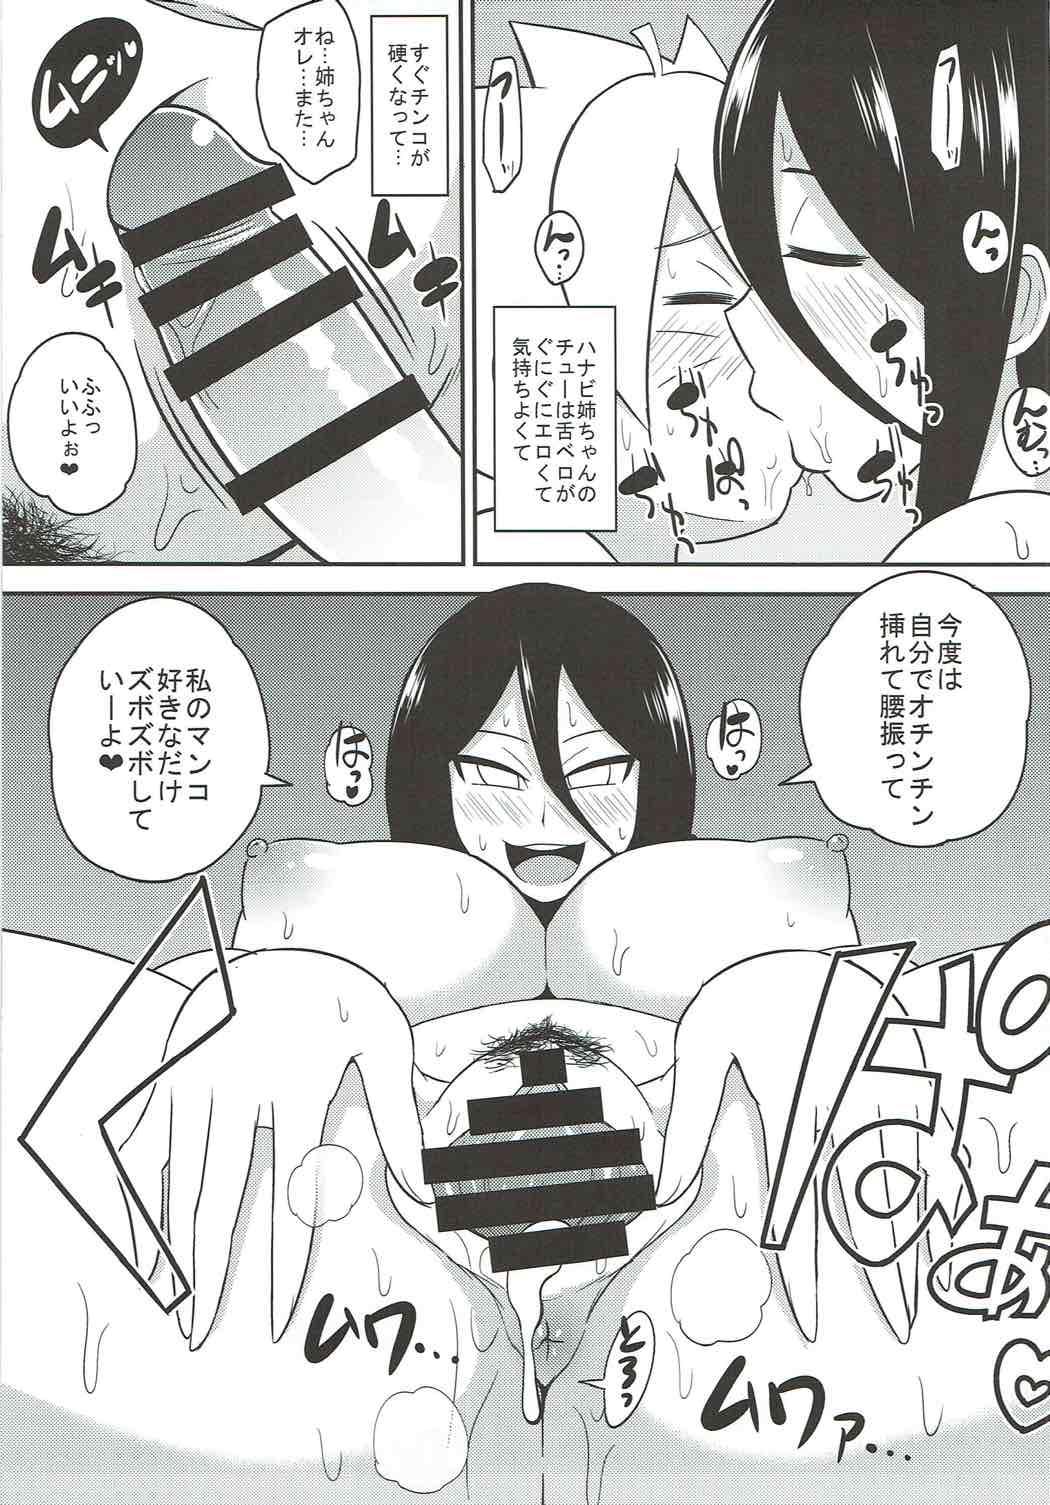 Boruto Hentai - Sexo com Hanabi